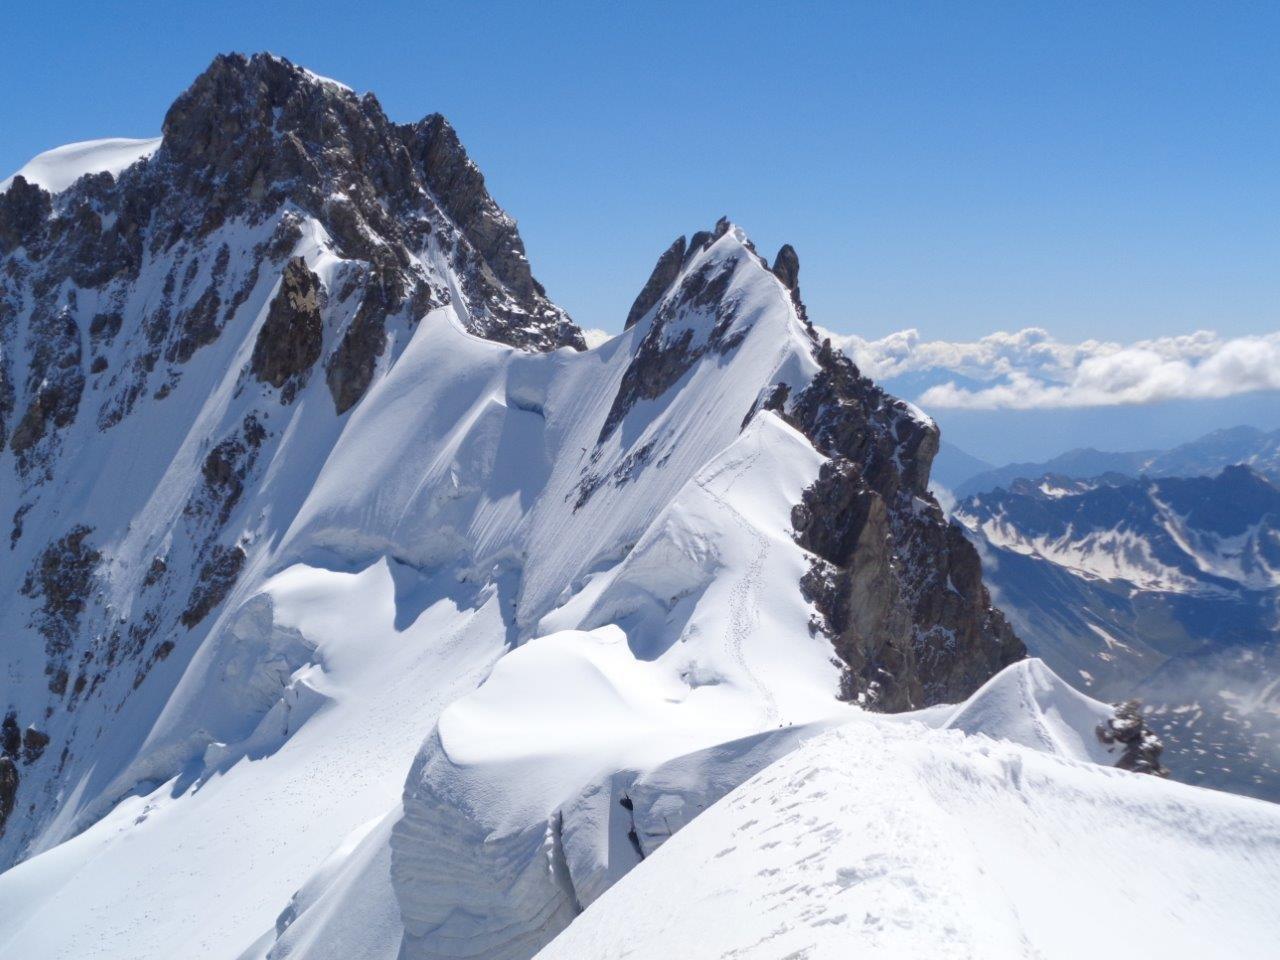 uno sguardo indietro: la cresta e l'Aiguille